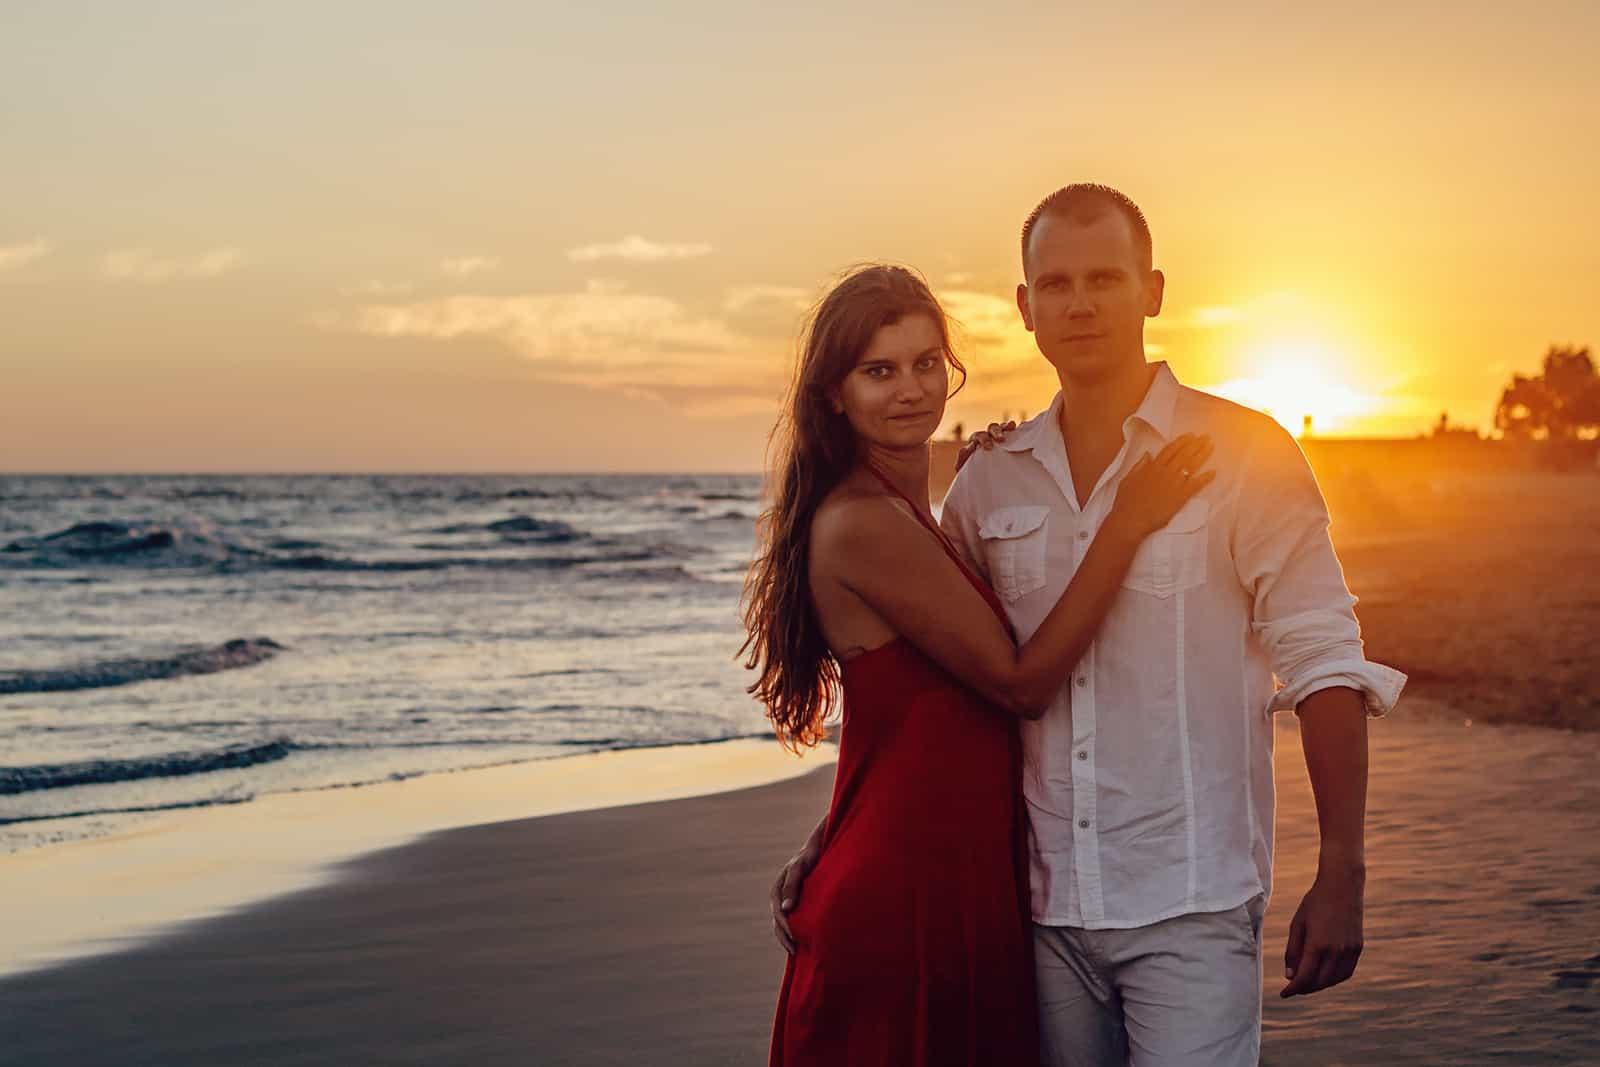 une femme embrassant son homme debout près du rivage